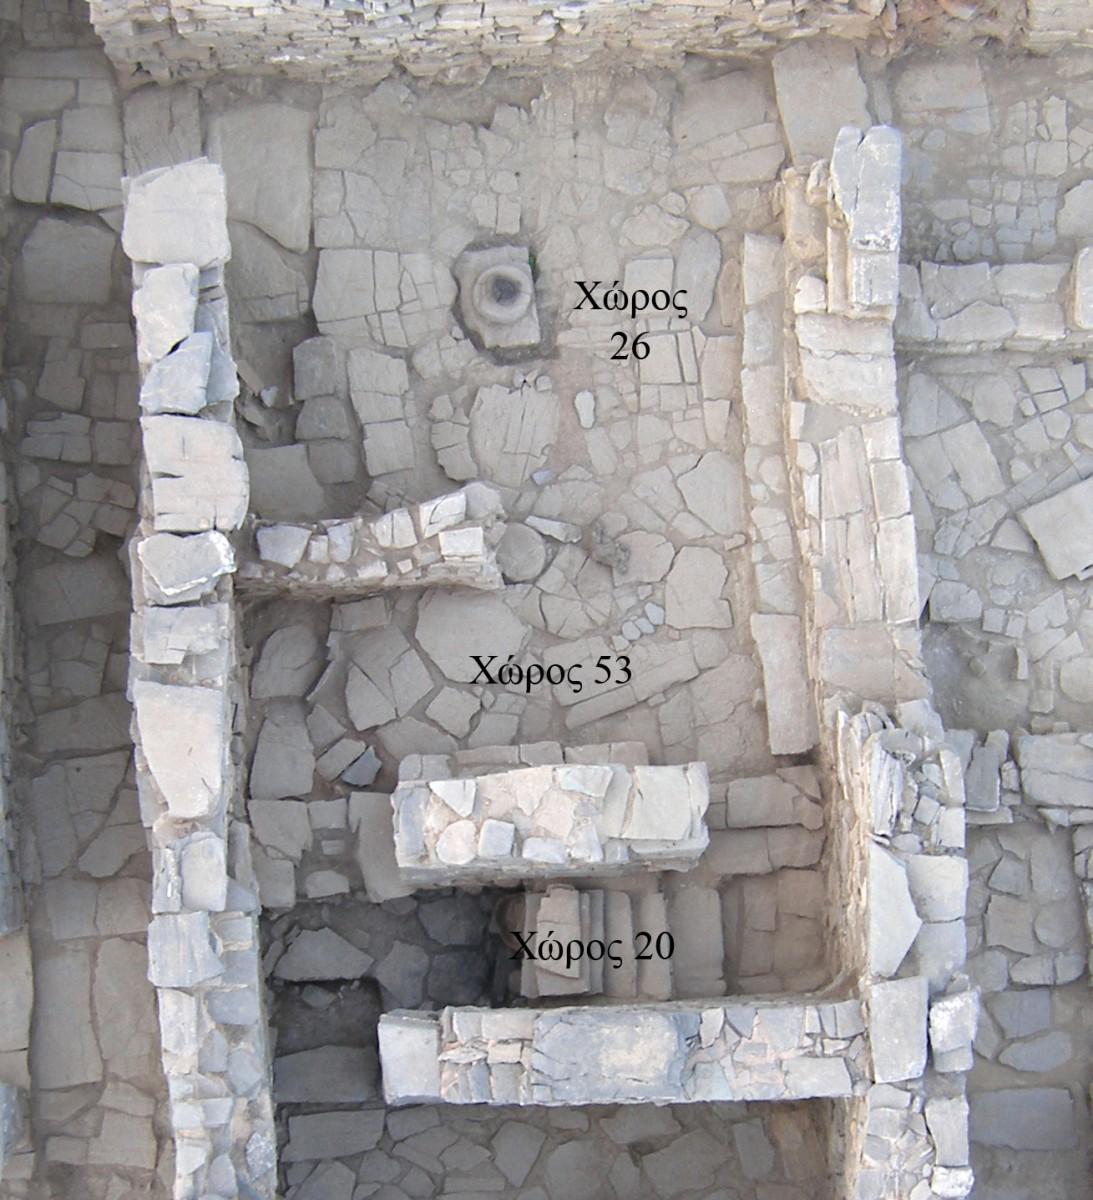 Εικ. 3. Δύο μεγάλες υπόστυλες αίθουσες με κίονες και θρανία στην περιφέρεια, που χρησίμευαν προφανώς για τελετές, αποκαλύφθηκαν στη Ζώμινθο.